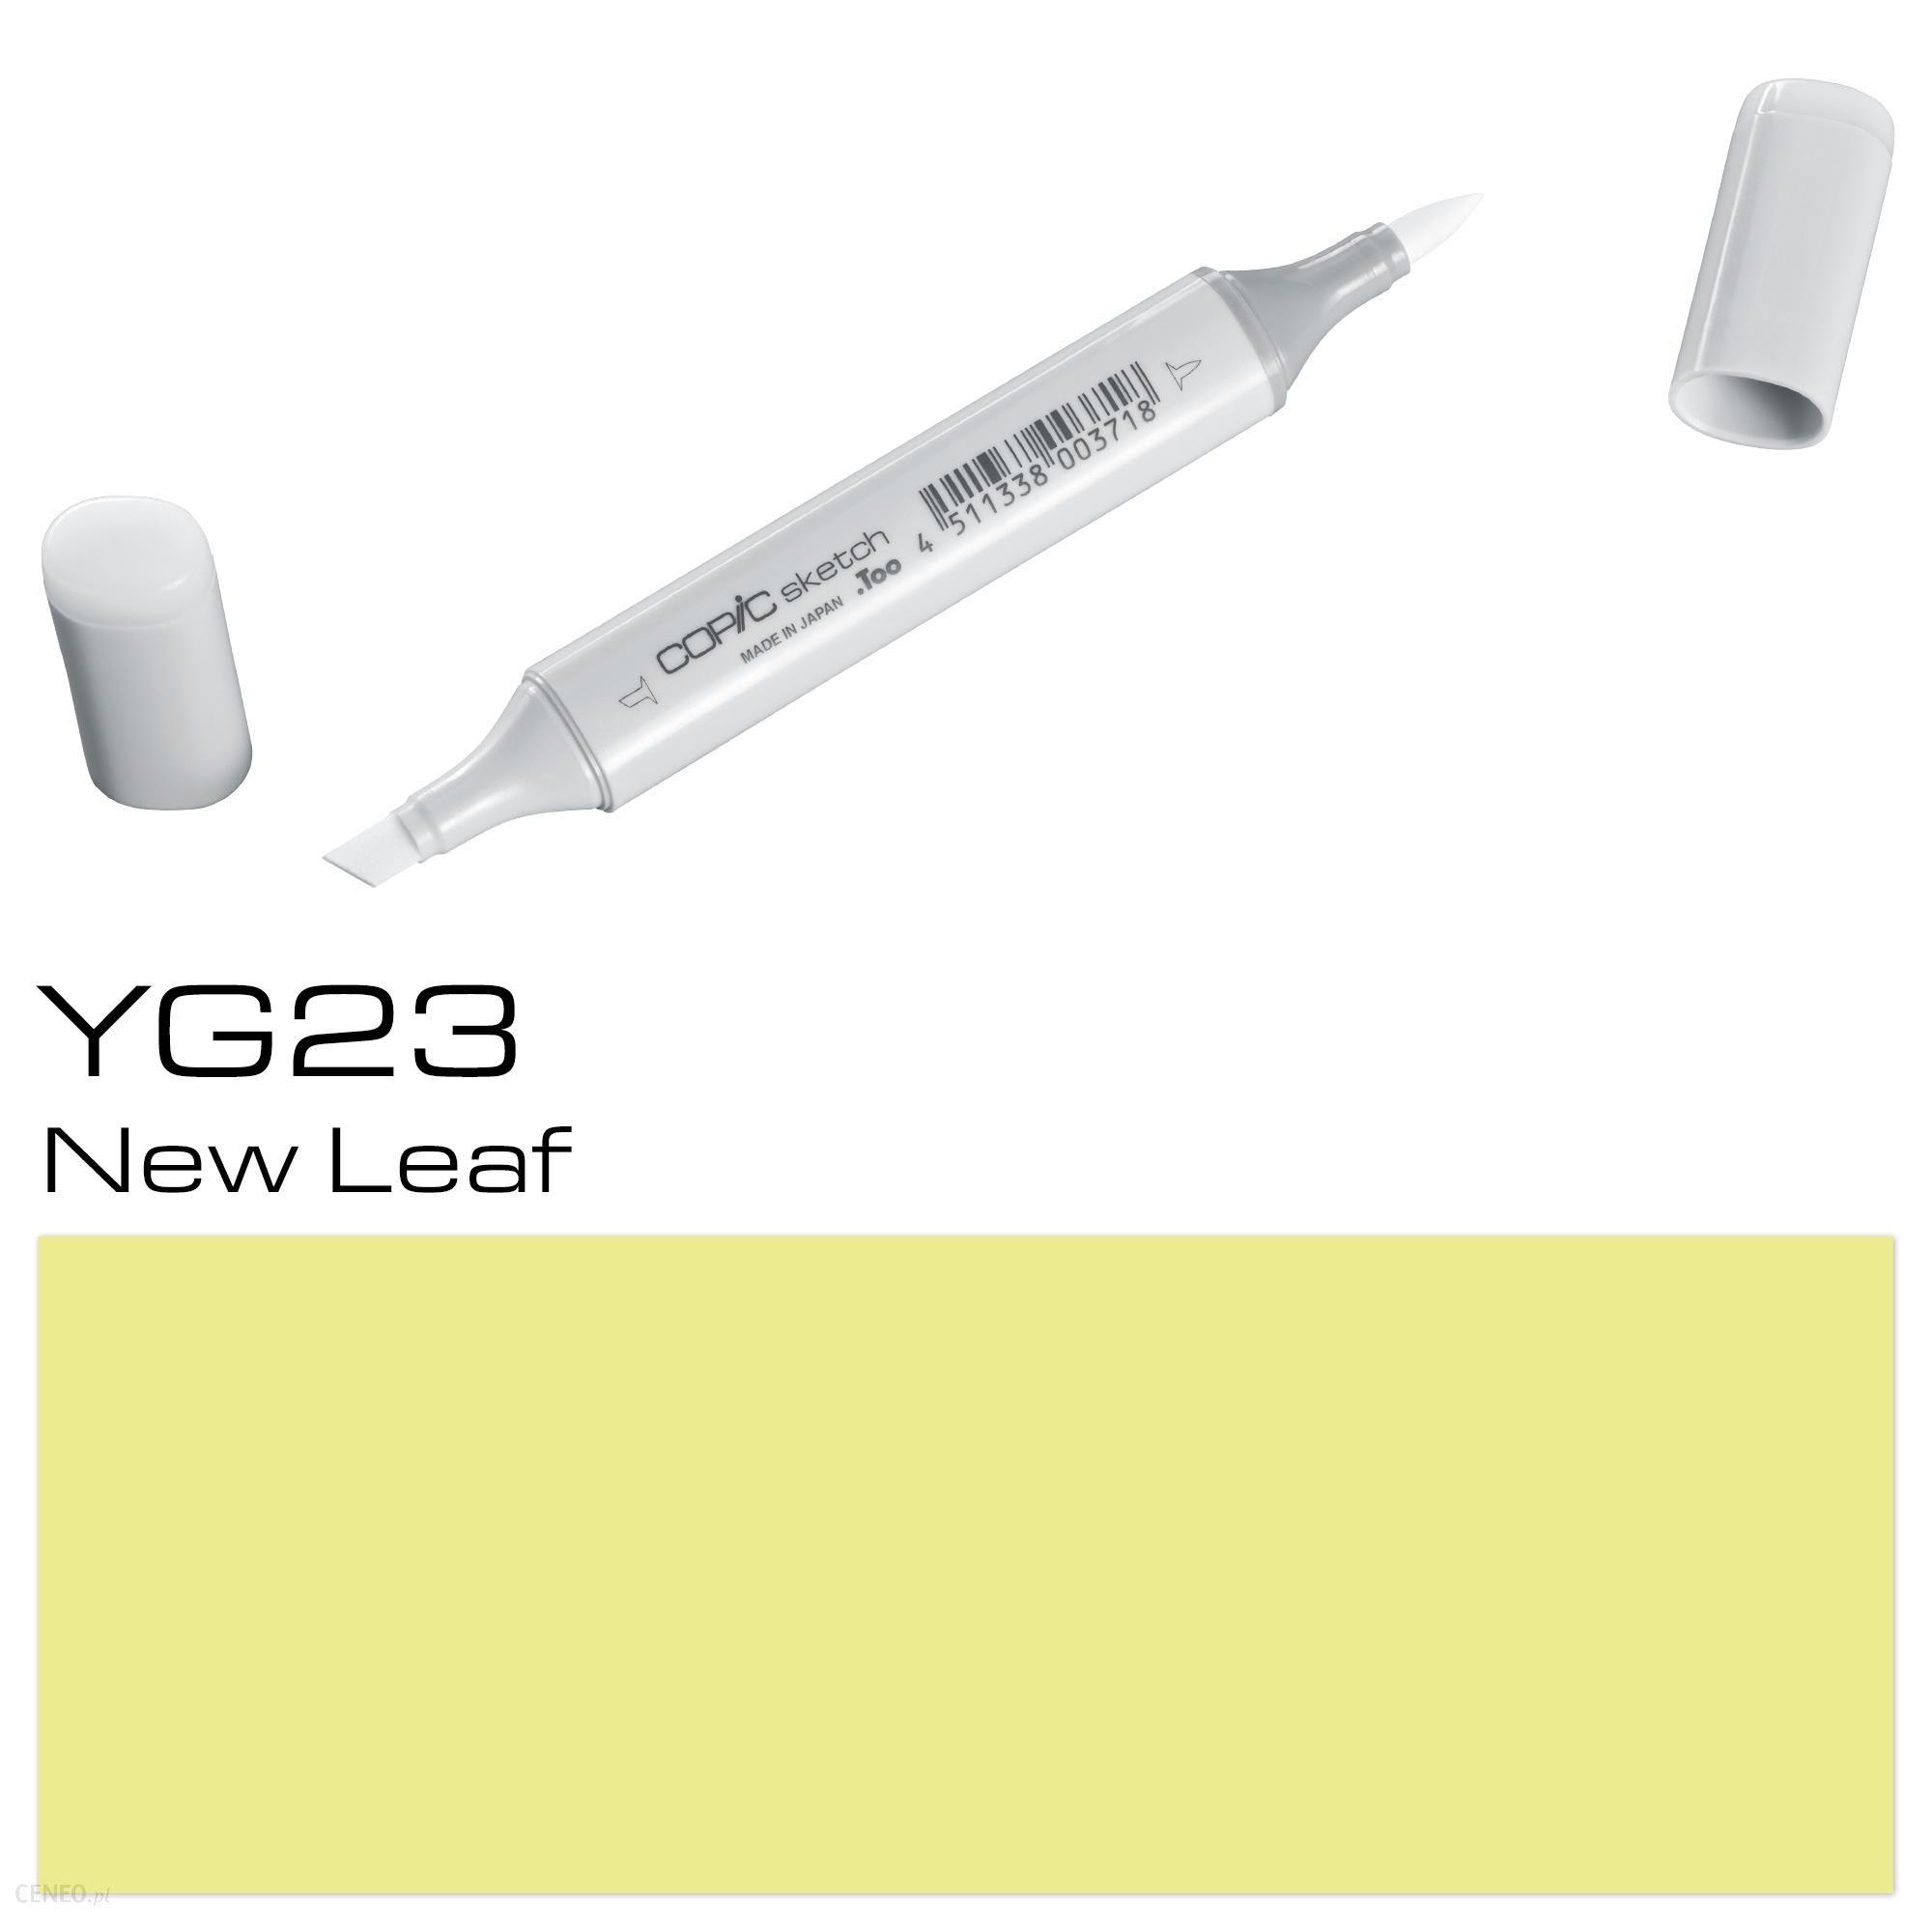 COPIC Sketch - YG23 - New Leaf